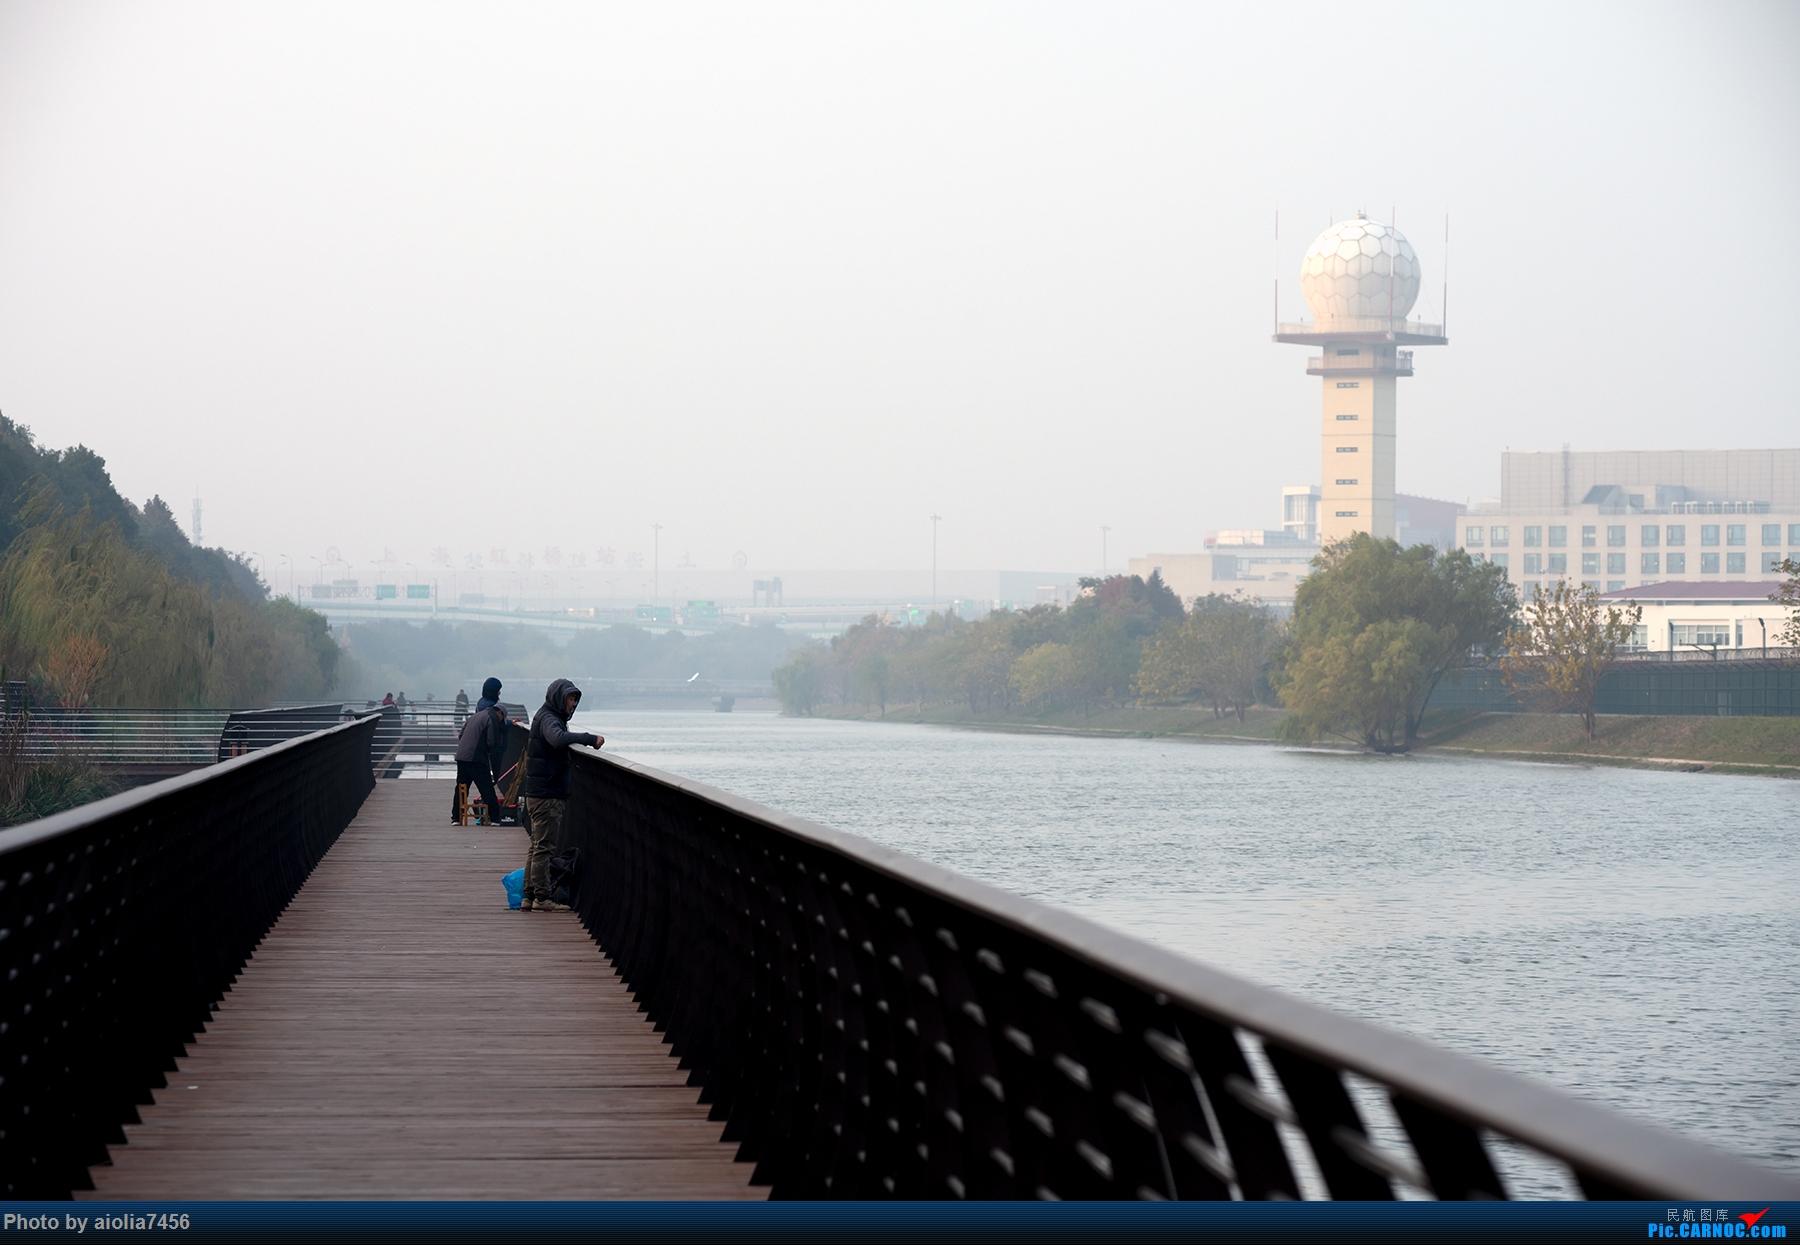 [原创]【霸都打机队】上海培训时顺带虹桥扫货,结果遇到水泥天